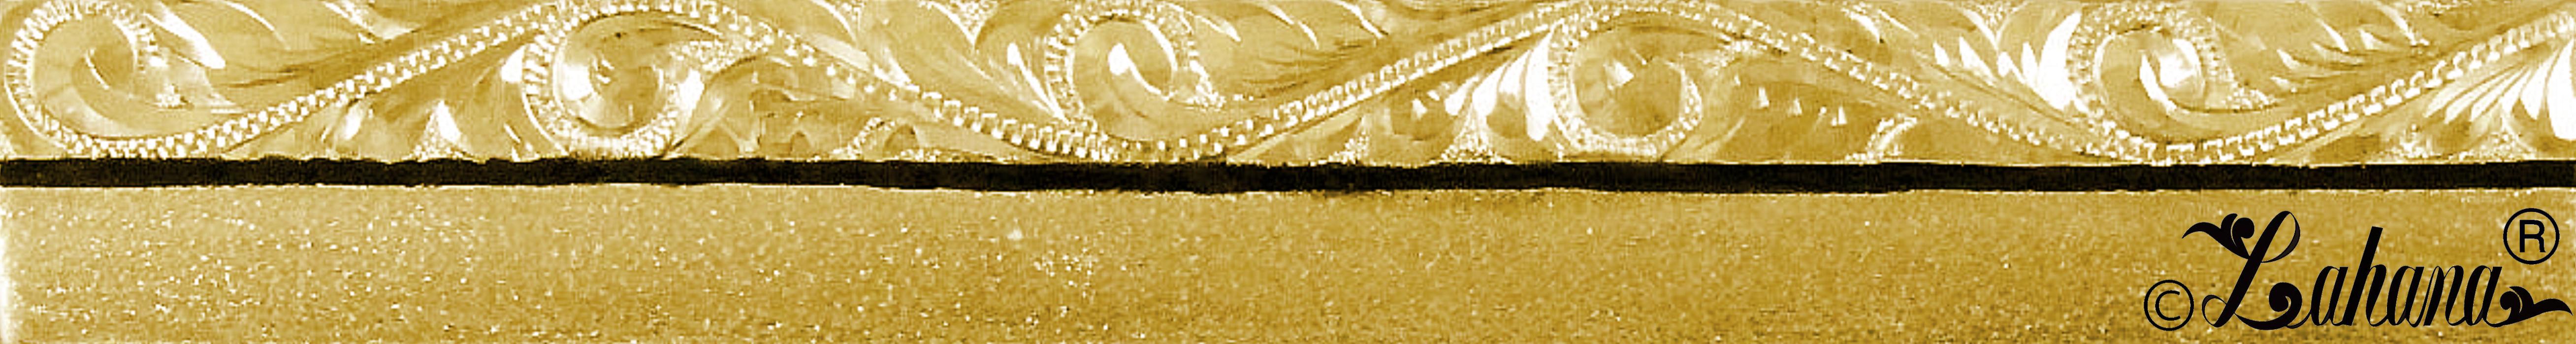 14k-sample-logo-md-c.jpg